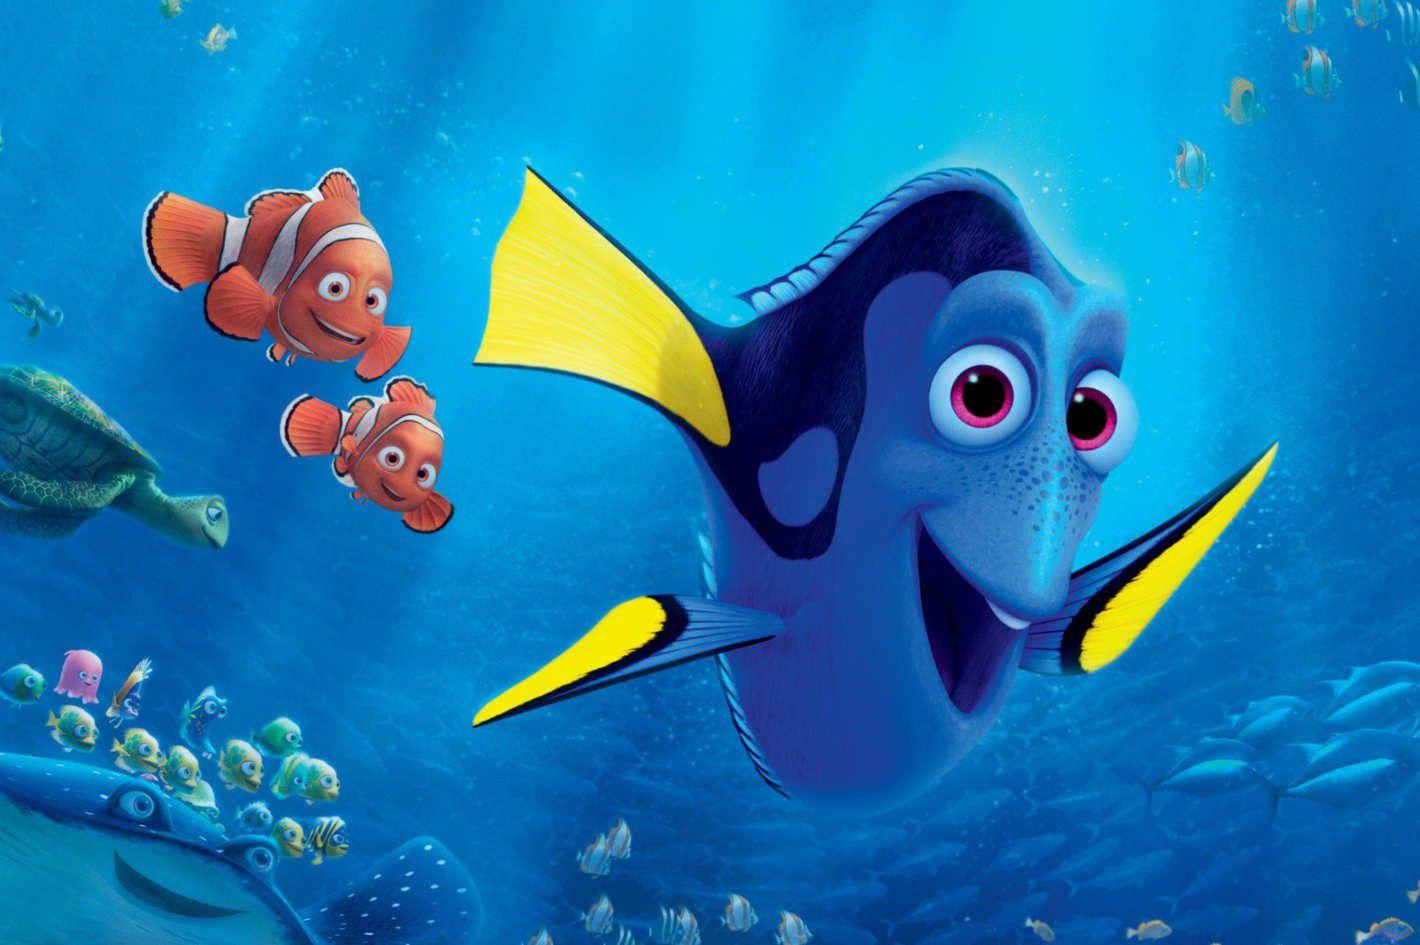 8 phim hoạt hình gây sốt toàn thế giới của Pixar không thể bỏ qua (3)